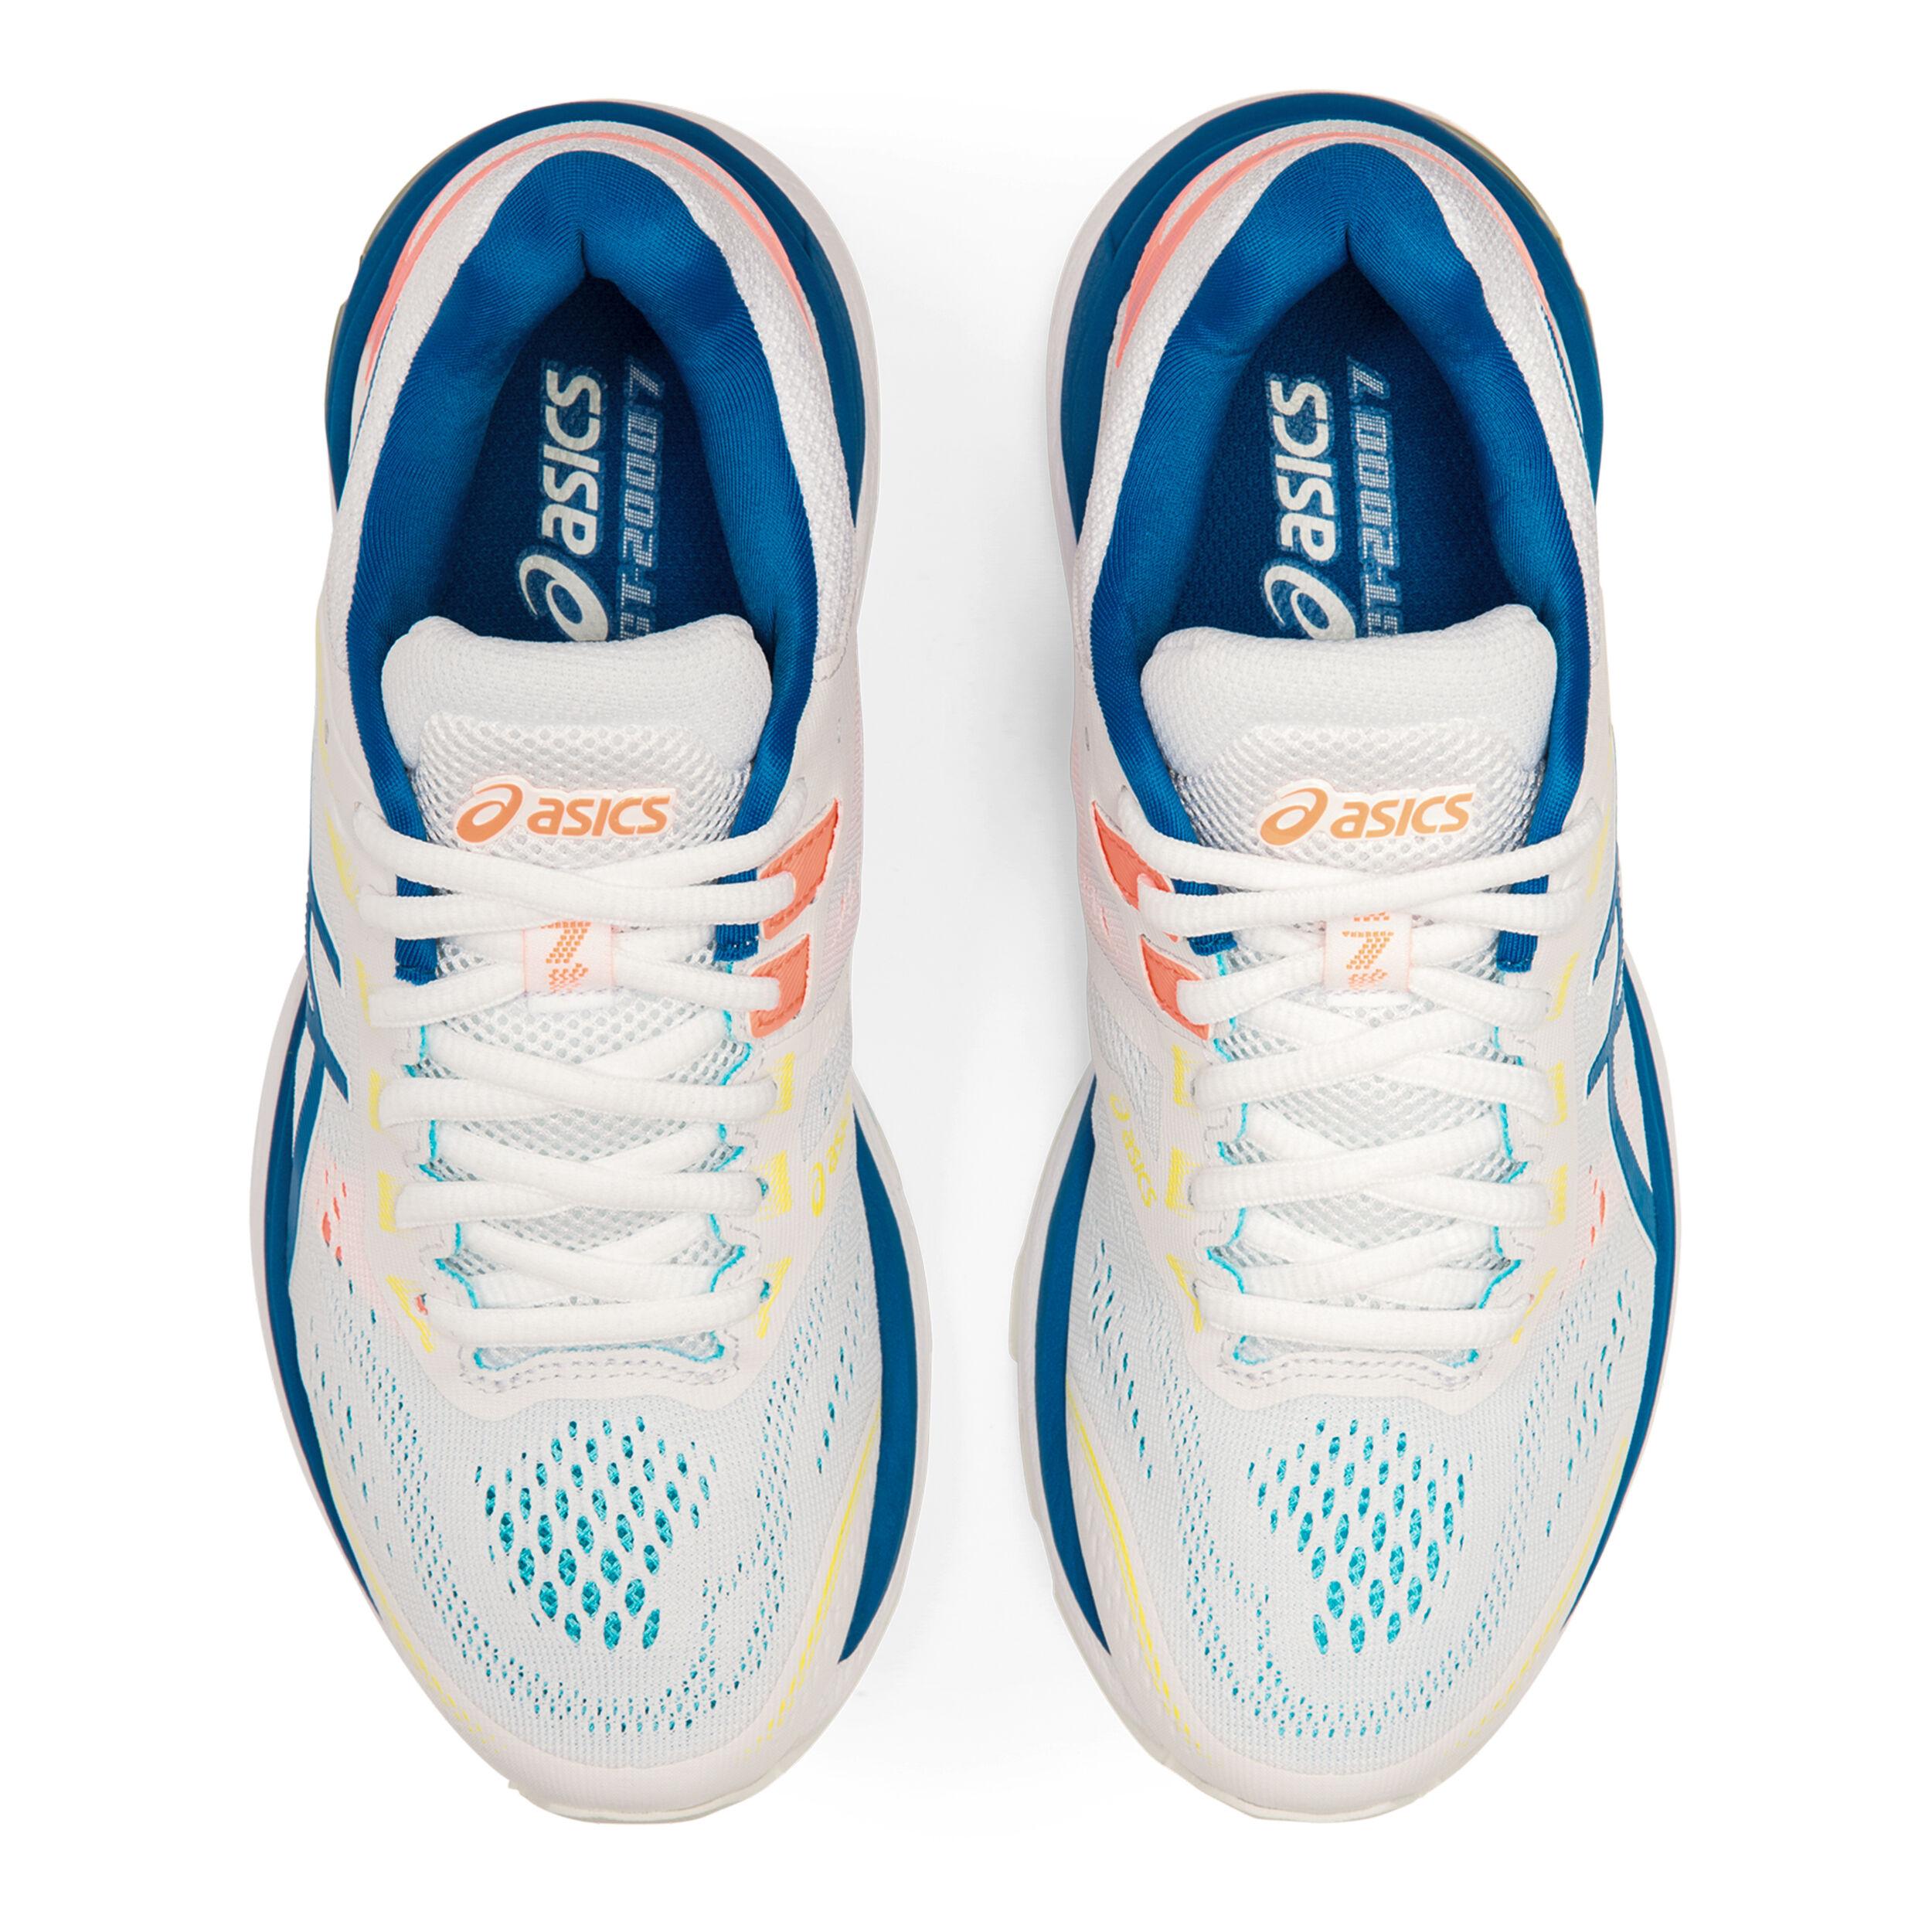 buy Asics GT-2000 7 Stability Running Shoe Women - White ...